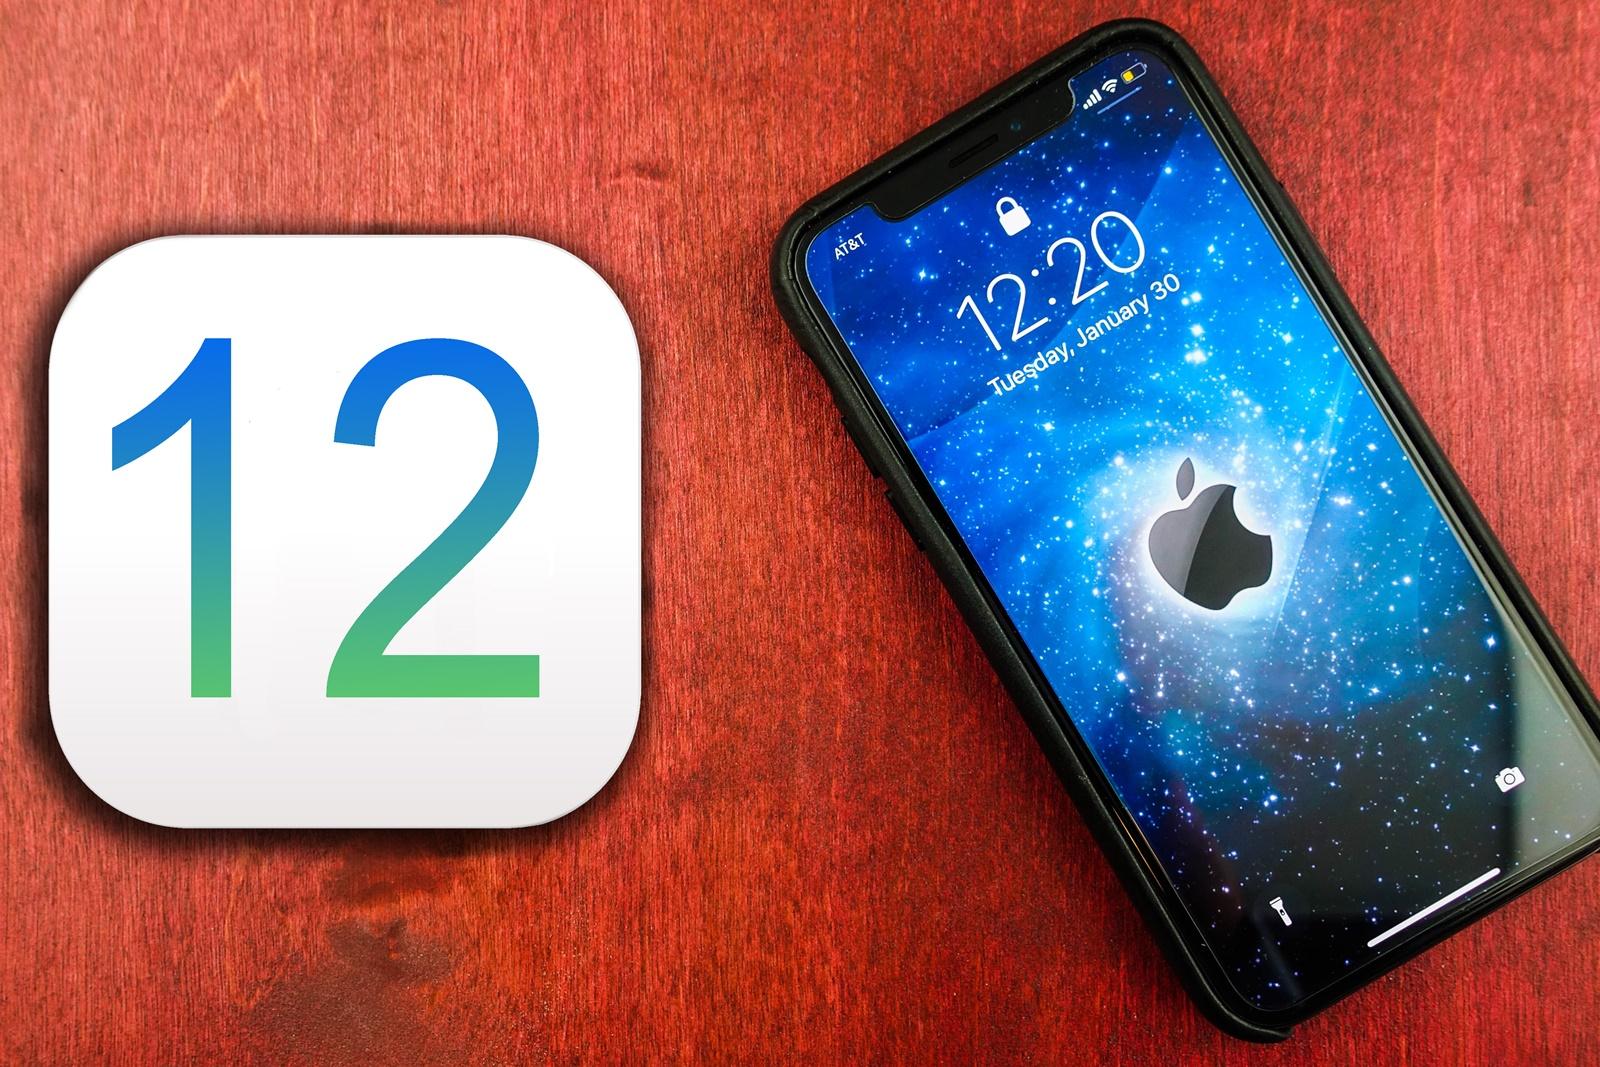 Imagem de Confira as novidades do iOS 12, a nova versão do SO mobile da Apple no tecmundo